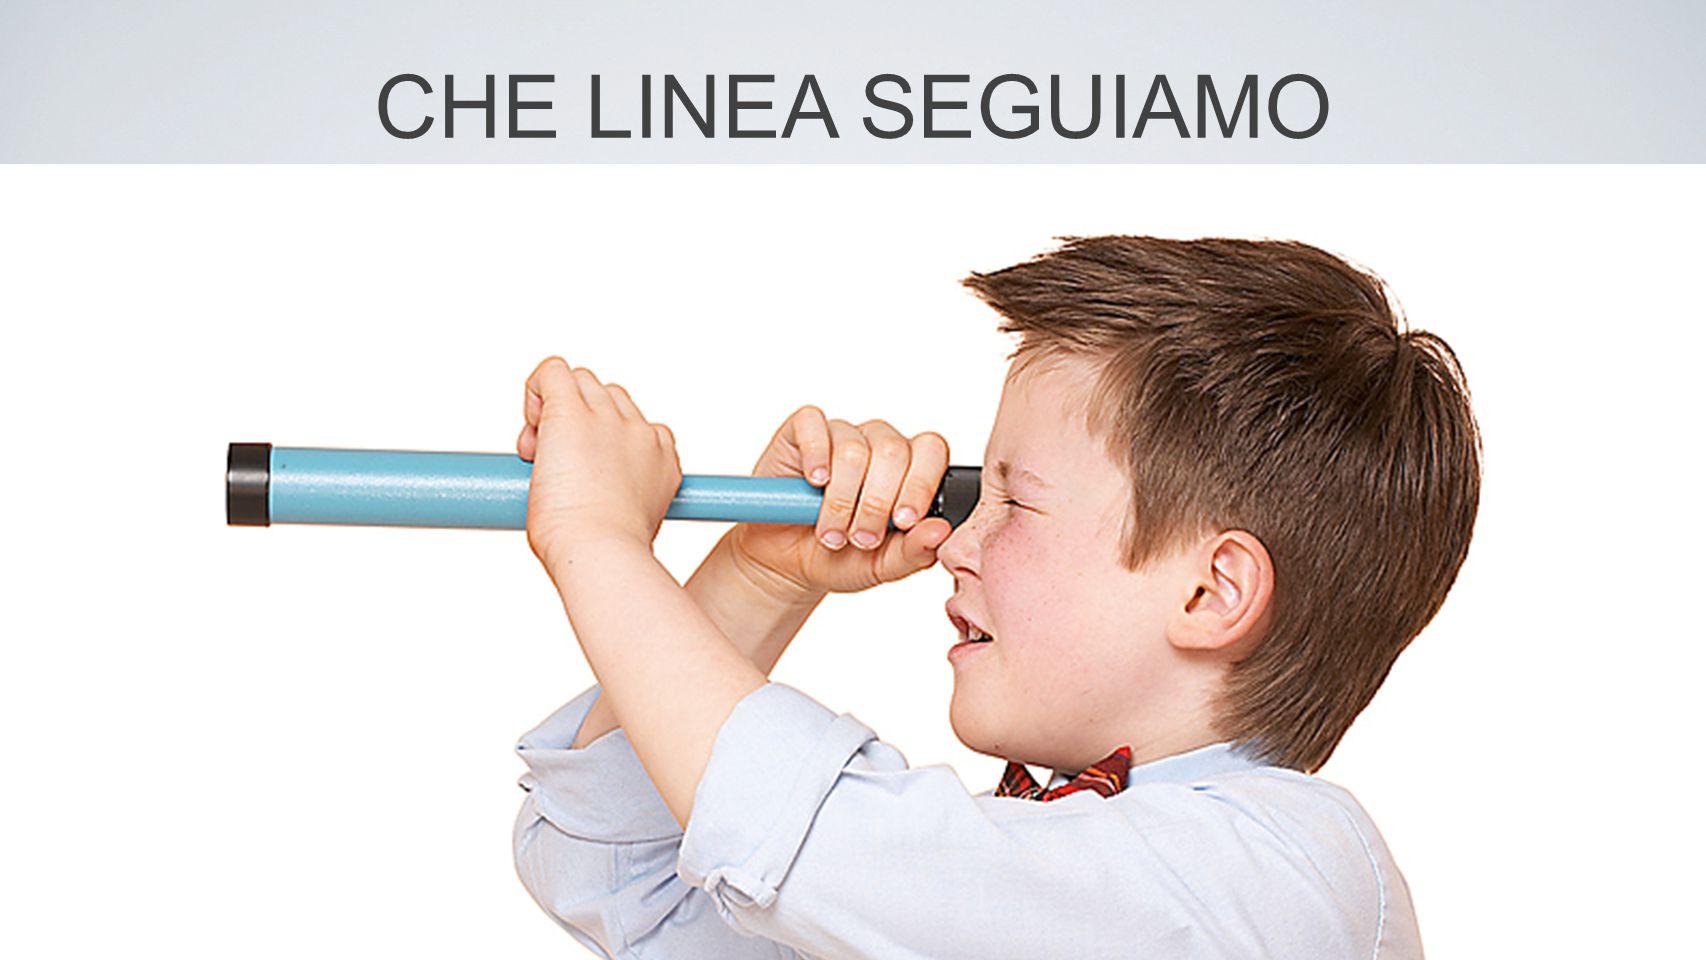 CHE LINEA SEGUIAMO